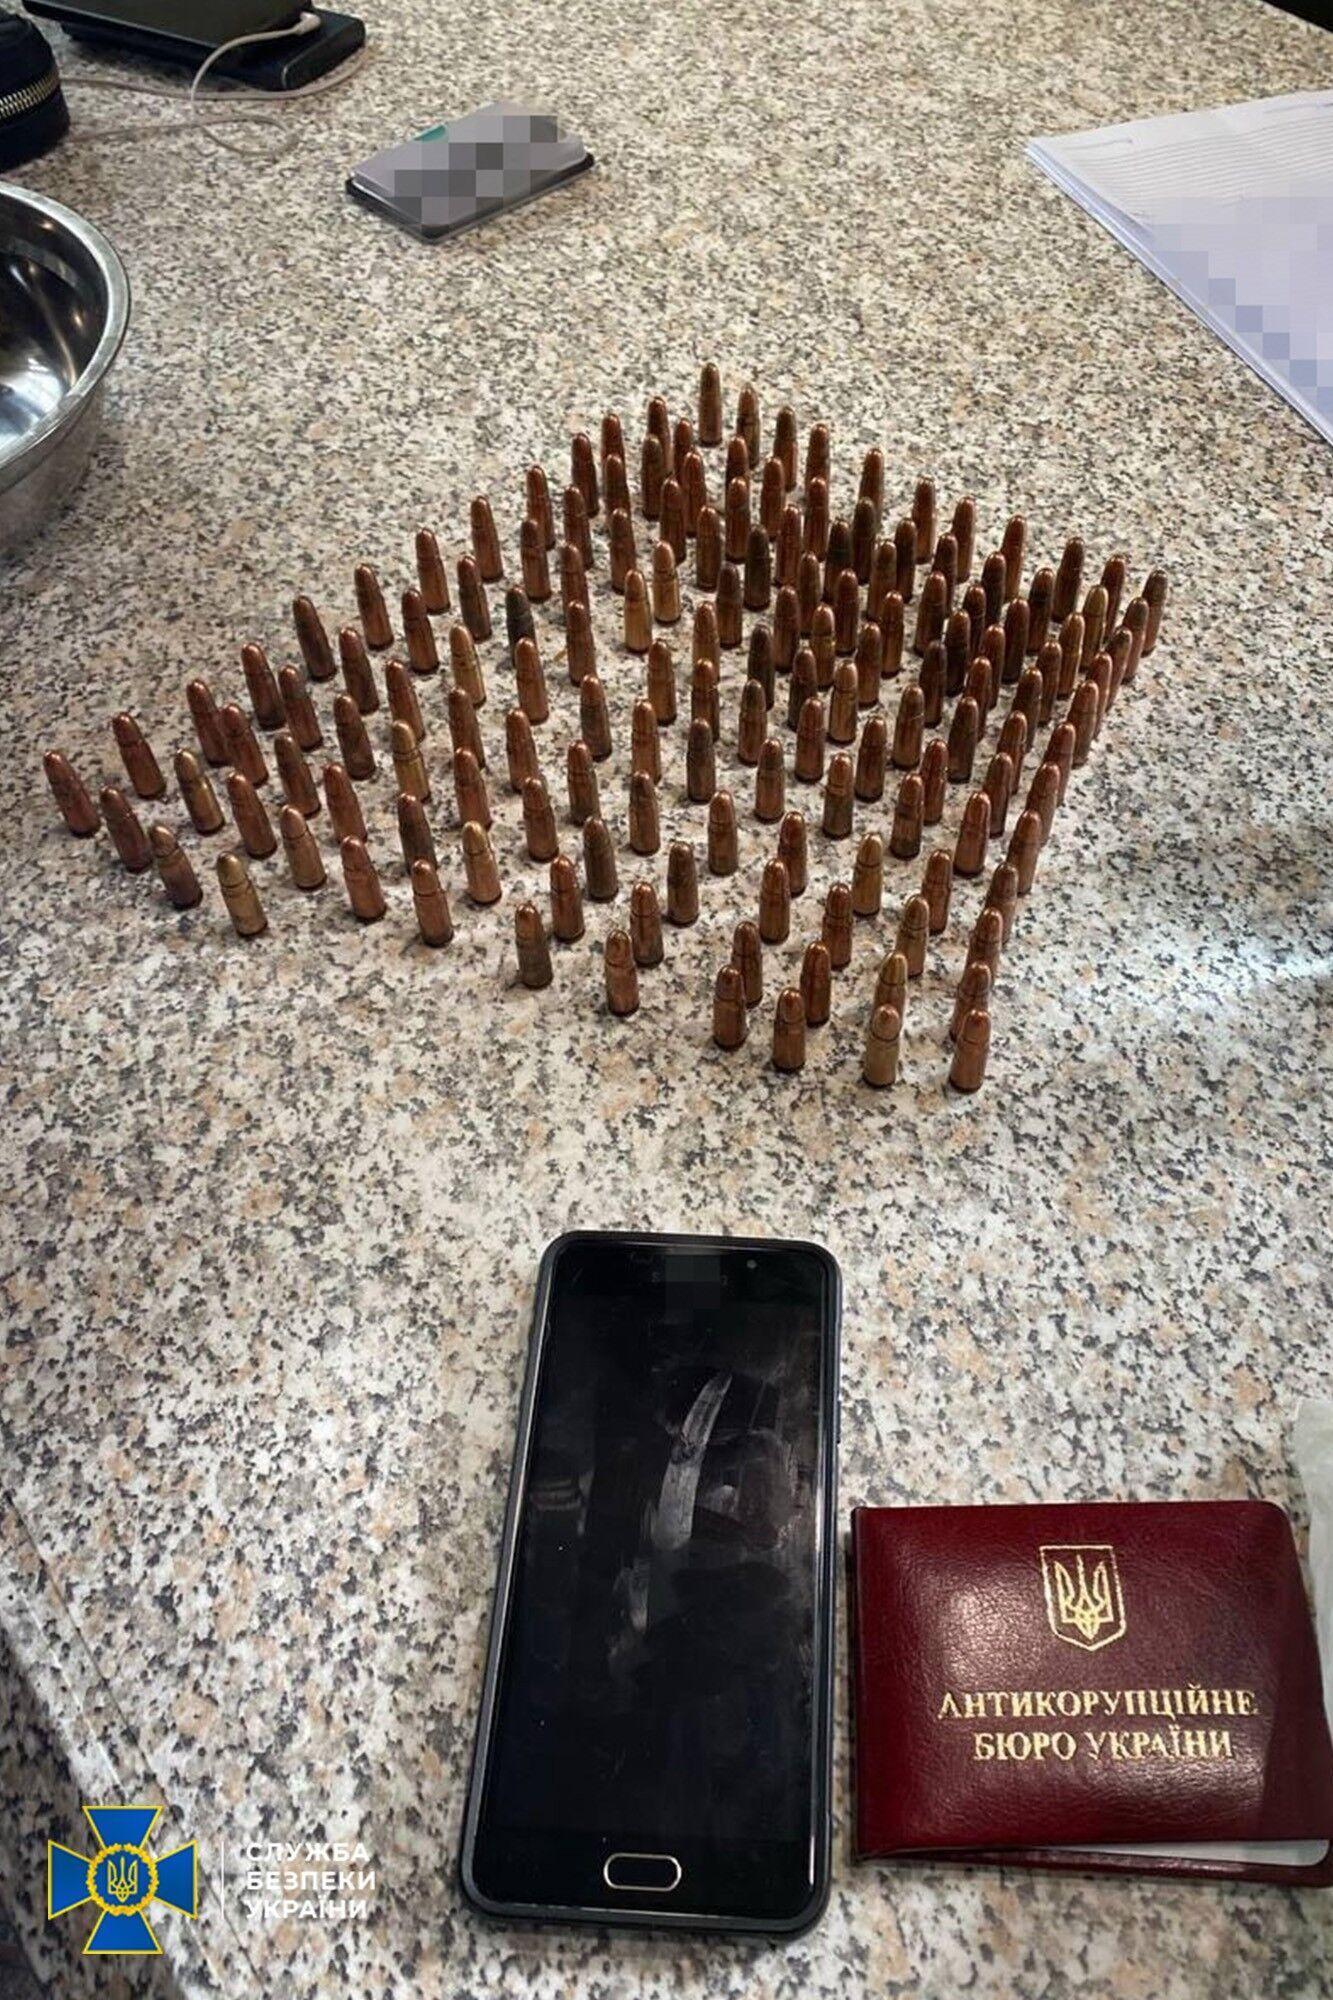 Найдено большое количество патронов различного калибра